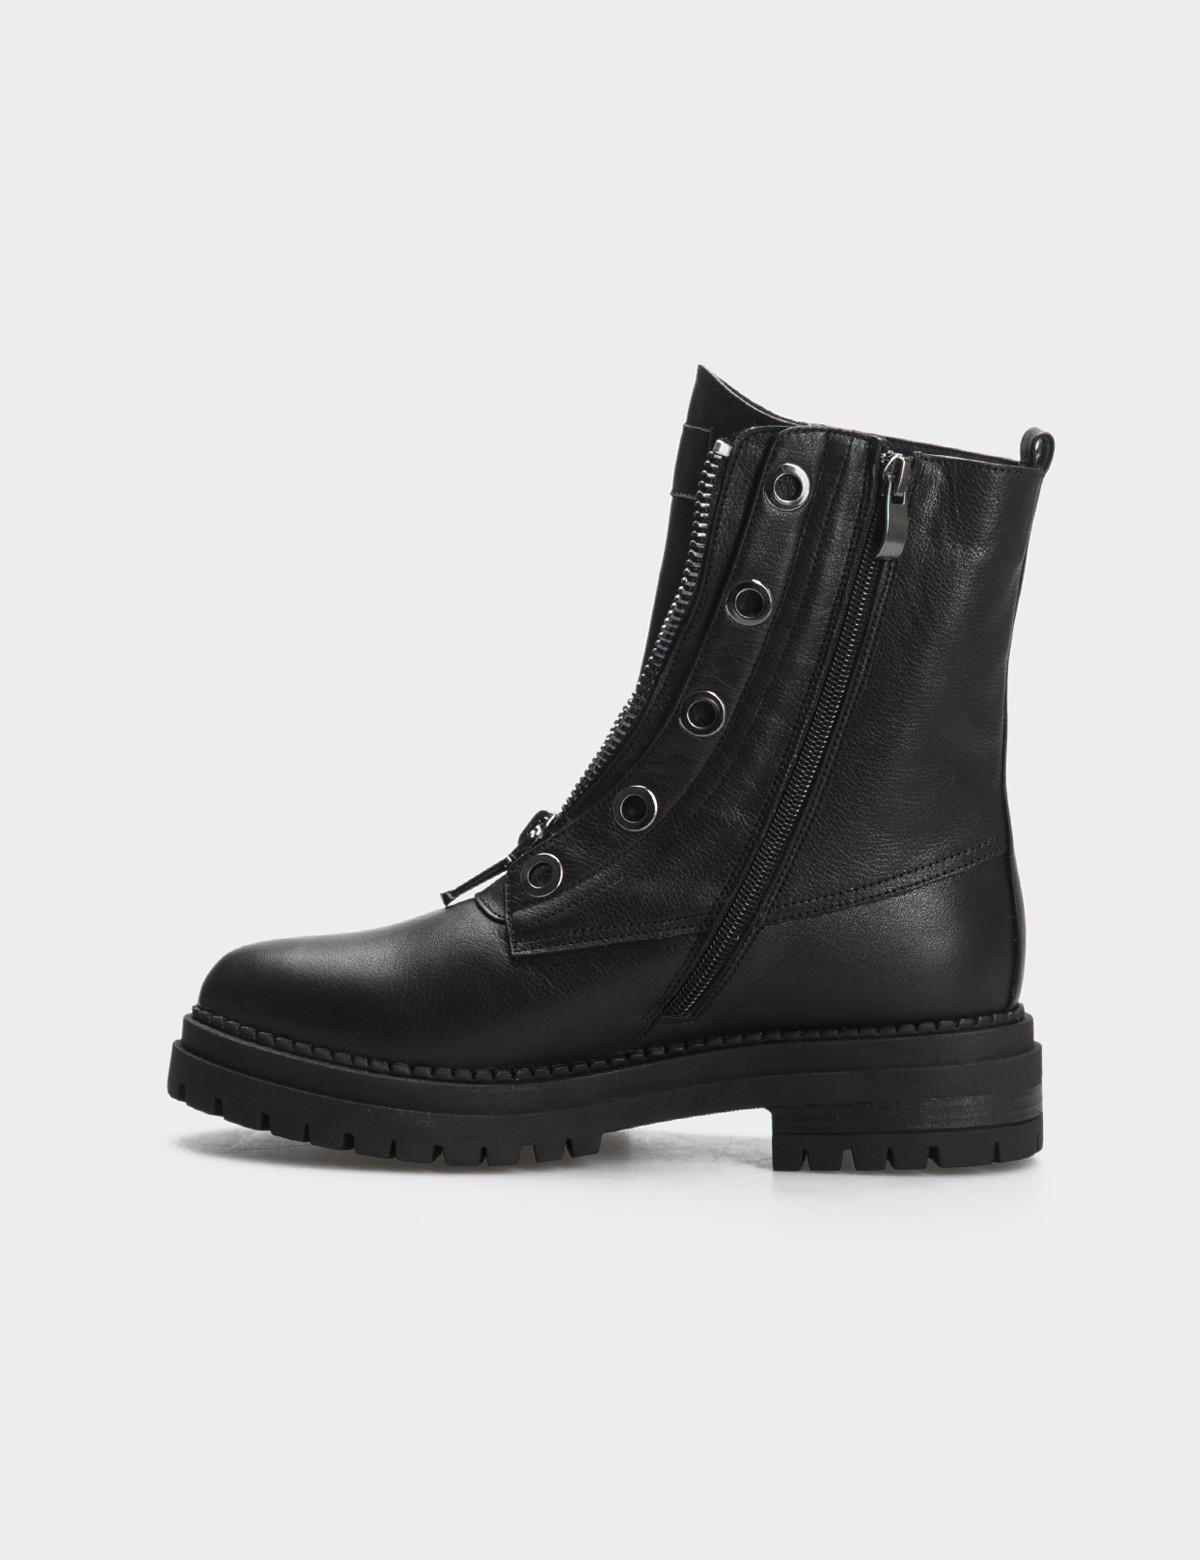 Ботинки черные, натуральная кожа. Шерсть2